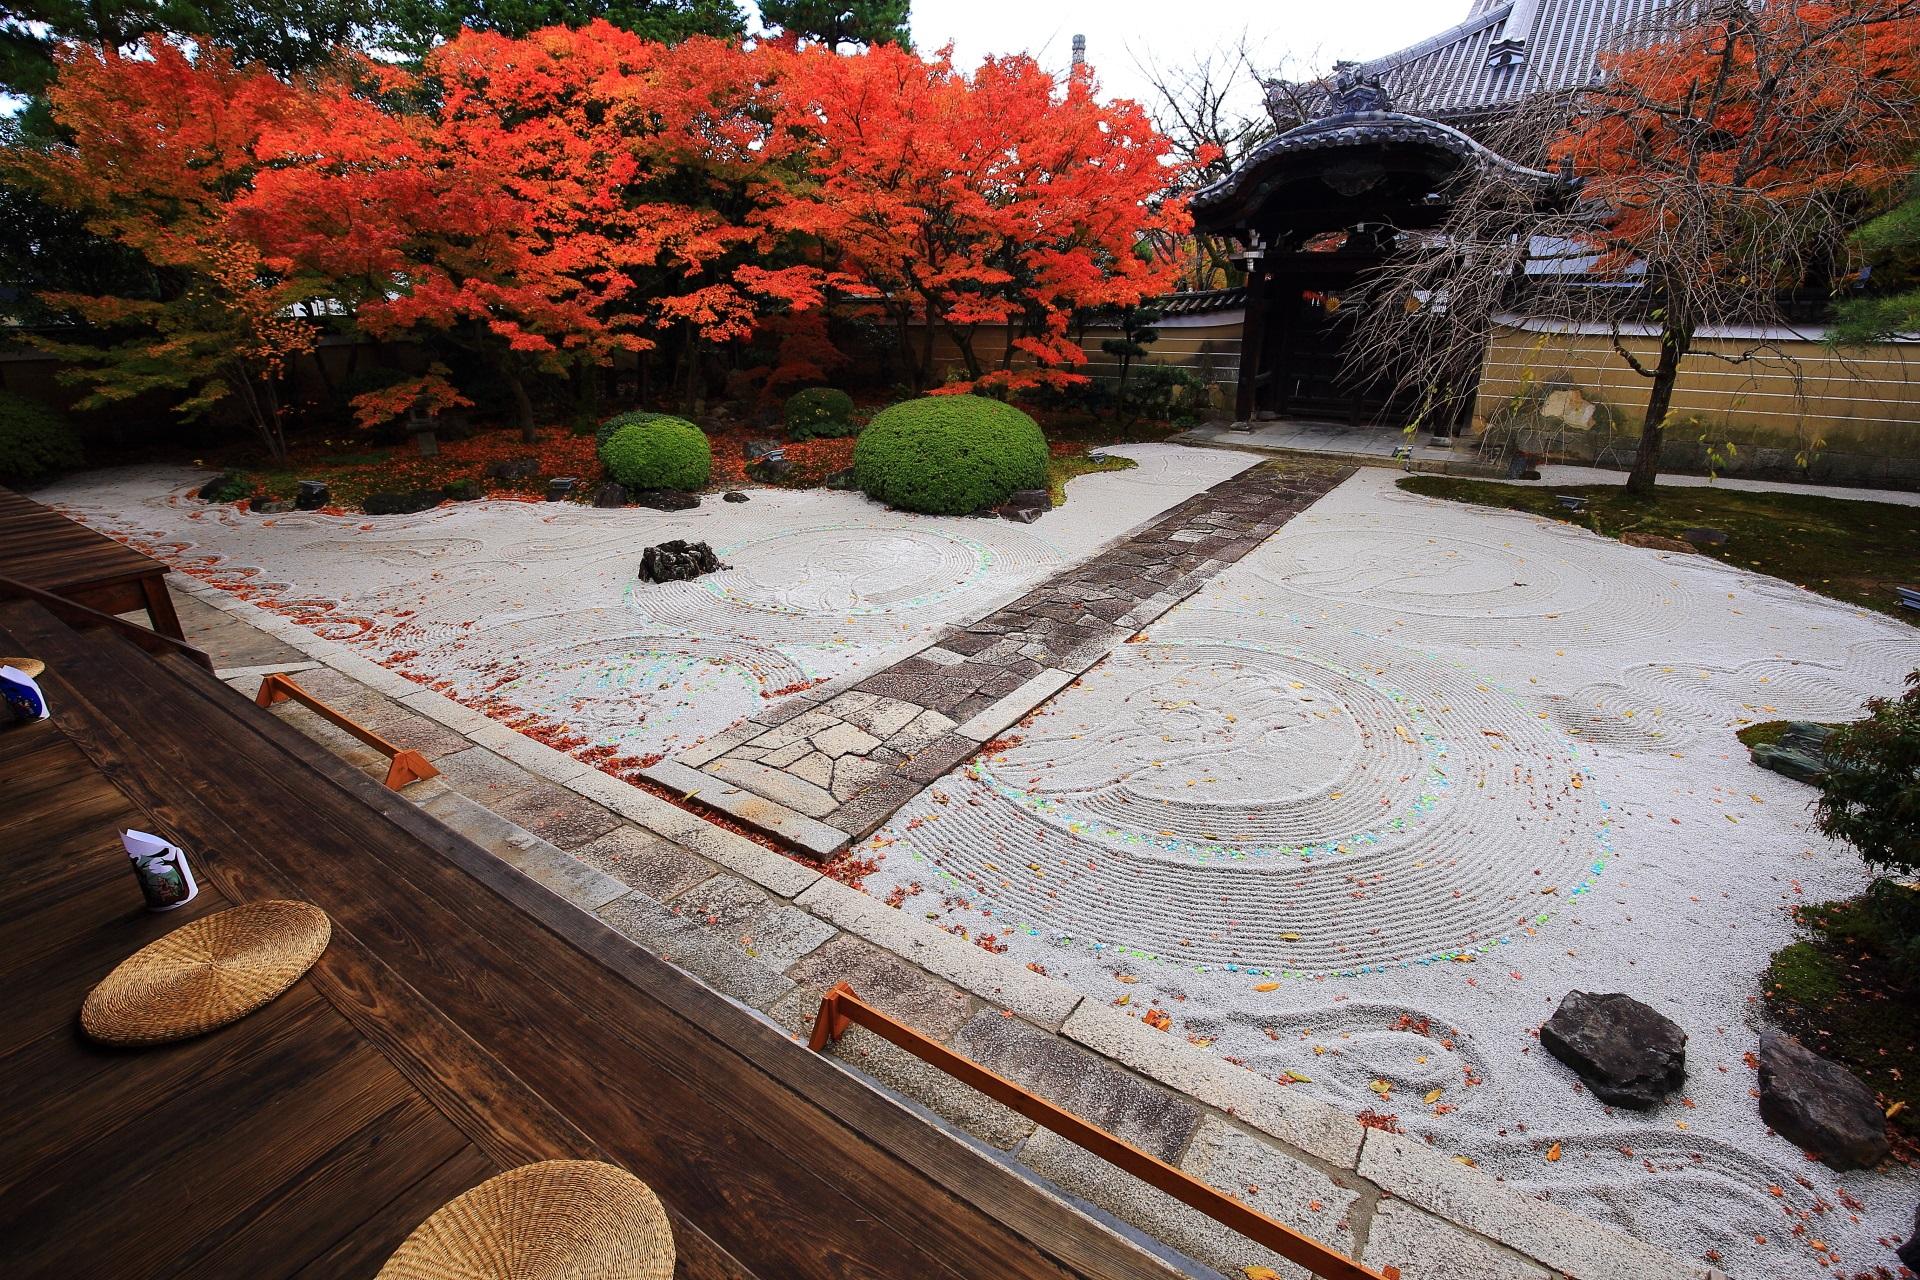 妙顕寺の上品な庭園を彩る燃えるような紅葉